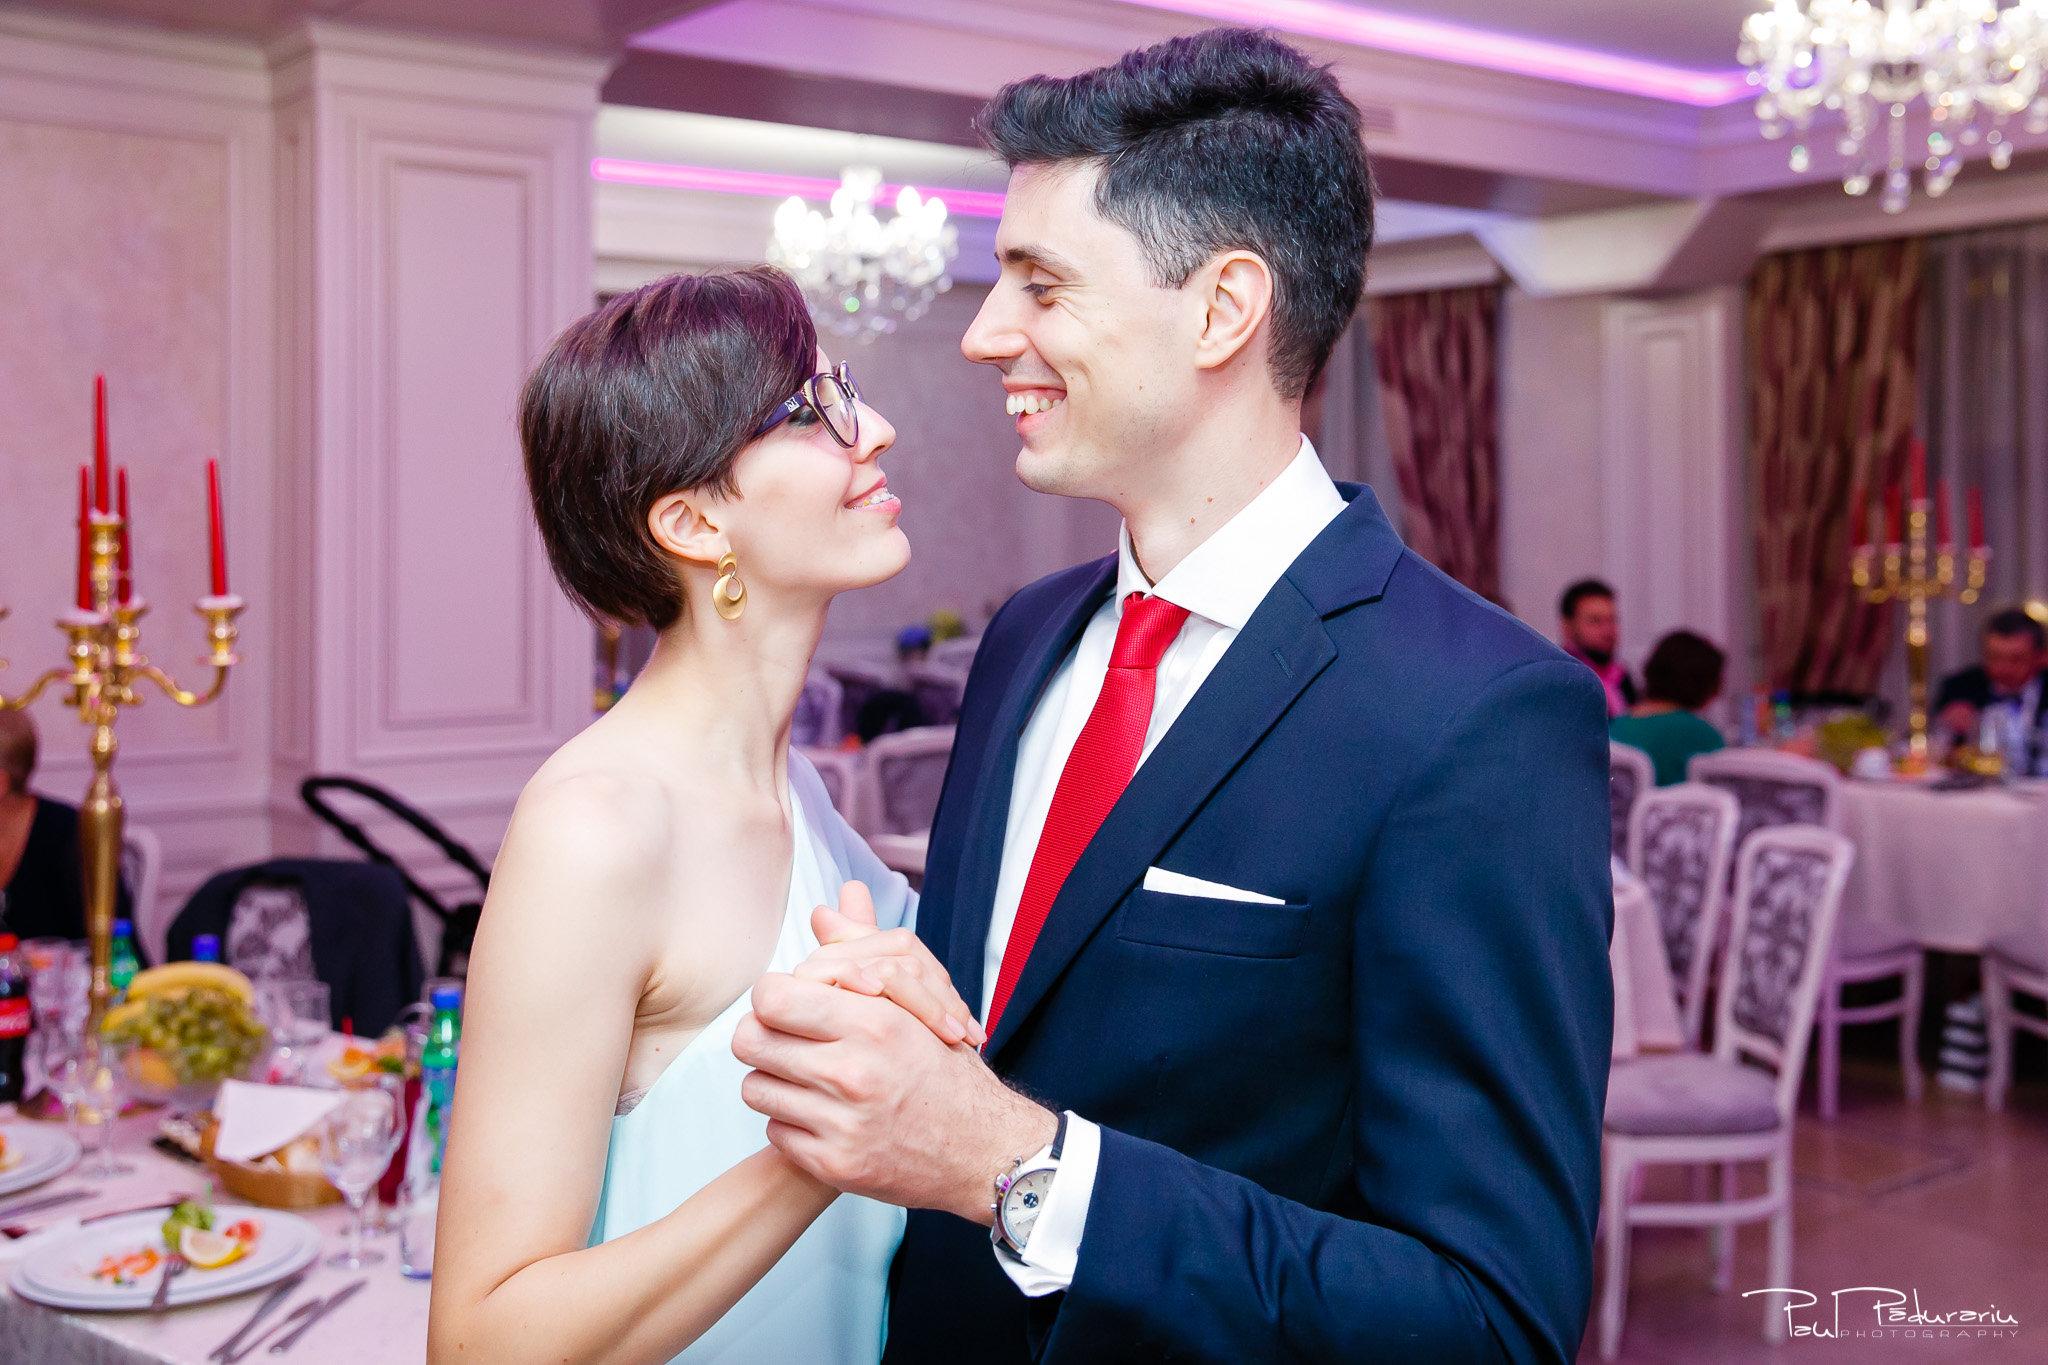 Roxana si Silviu Nunta Hotel Eden petrecere fotograf profesionist iasi www.paulpadurariu.ro © 2017 Paul Padurariu dans invitati